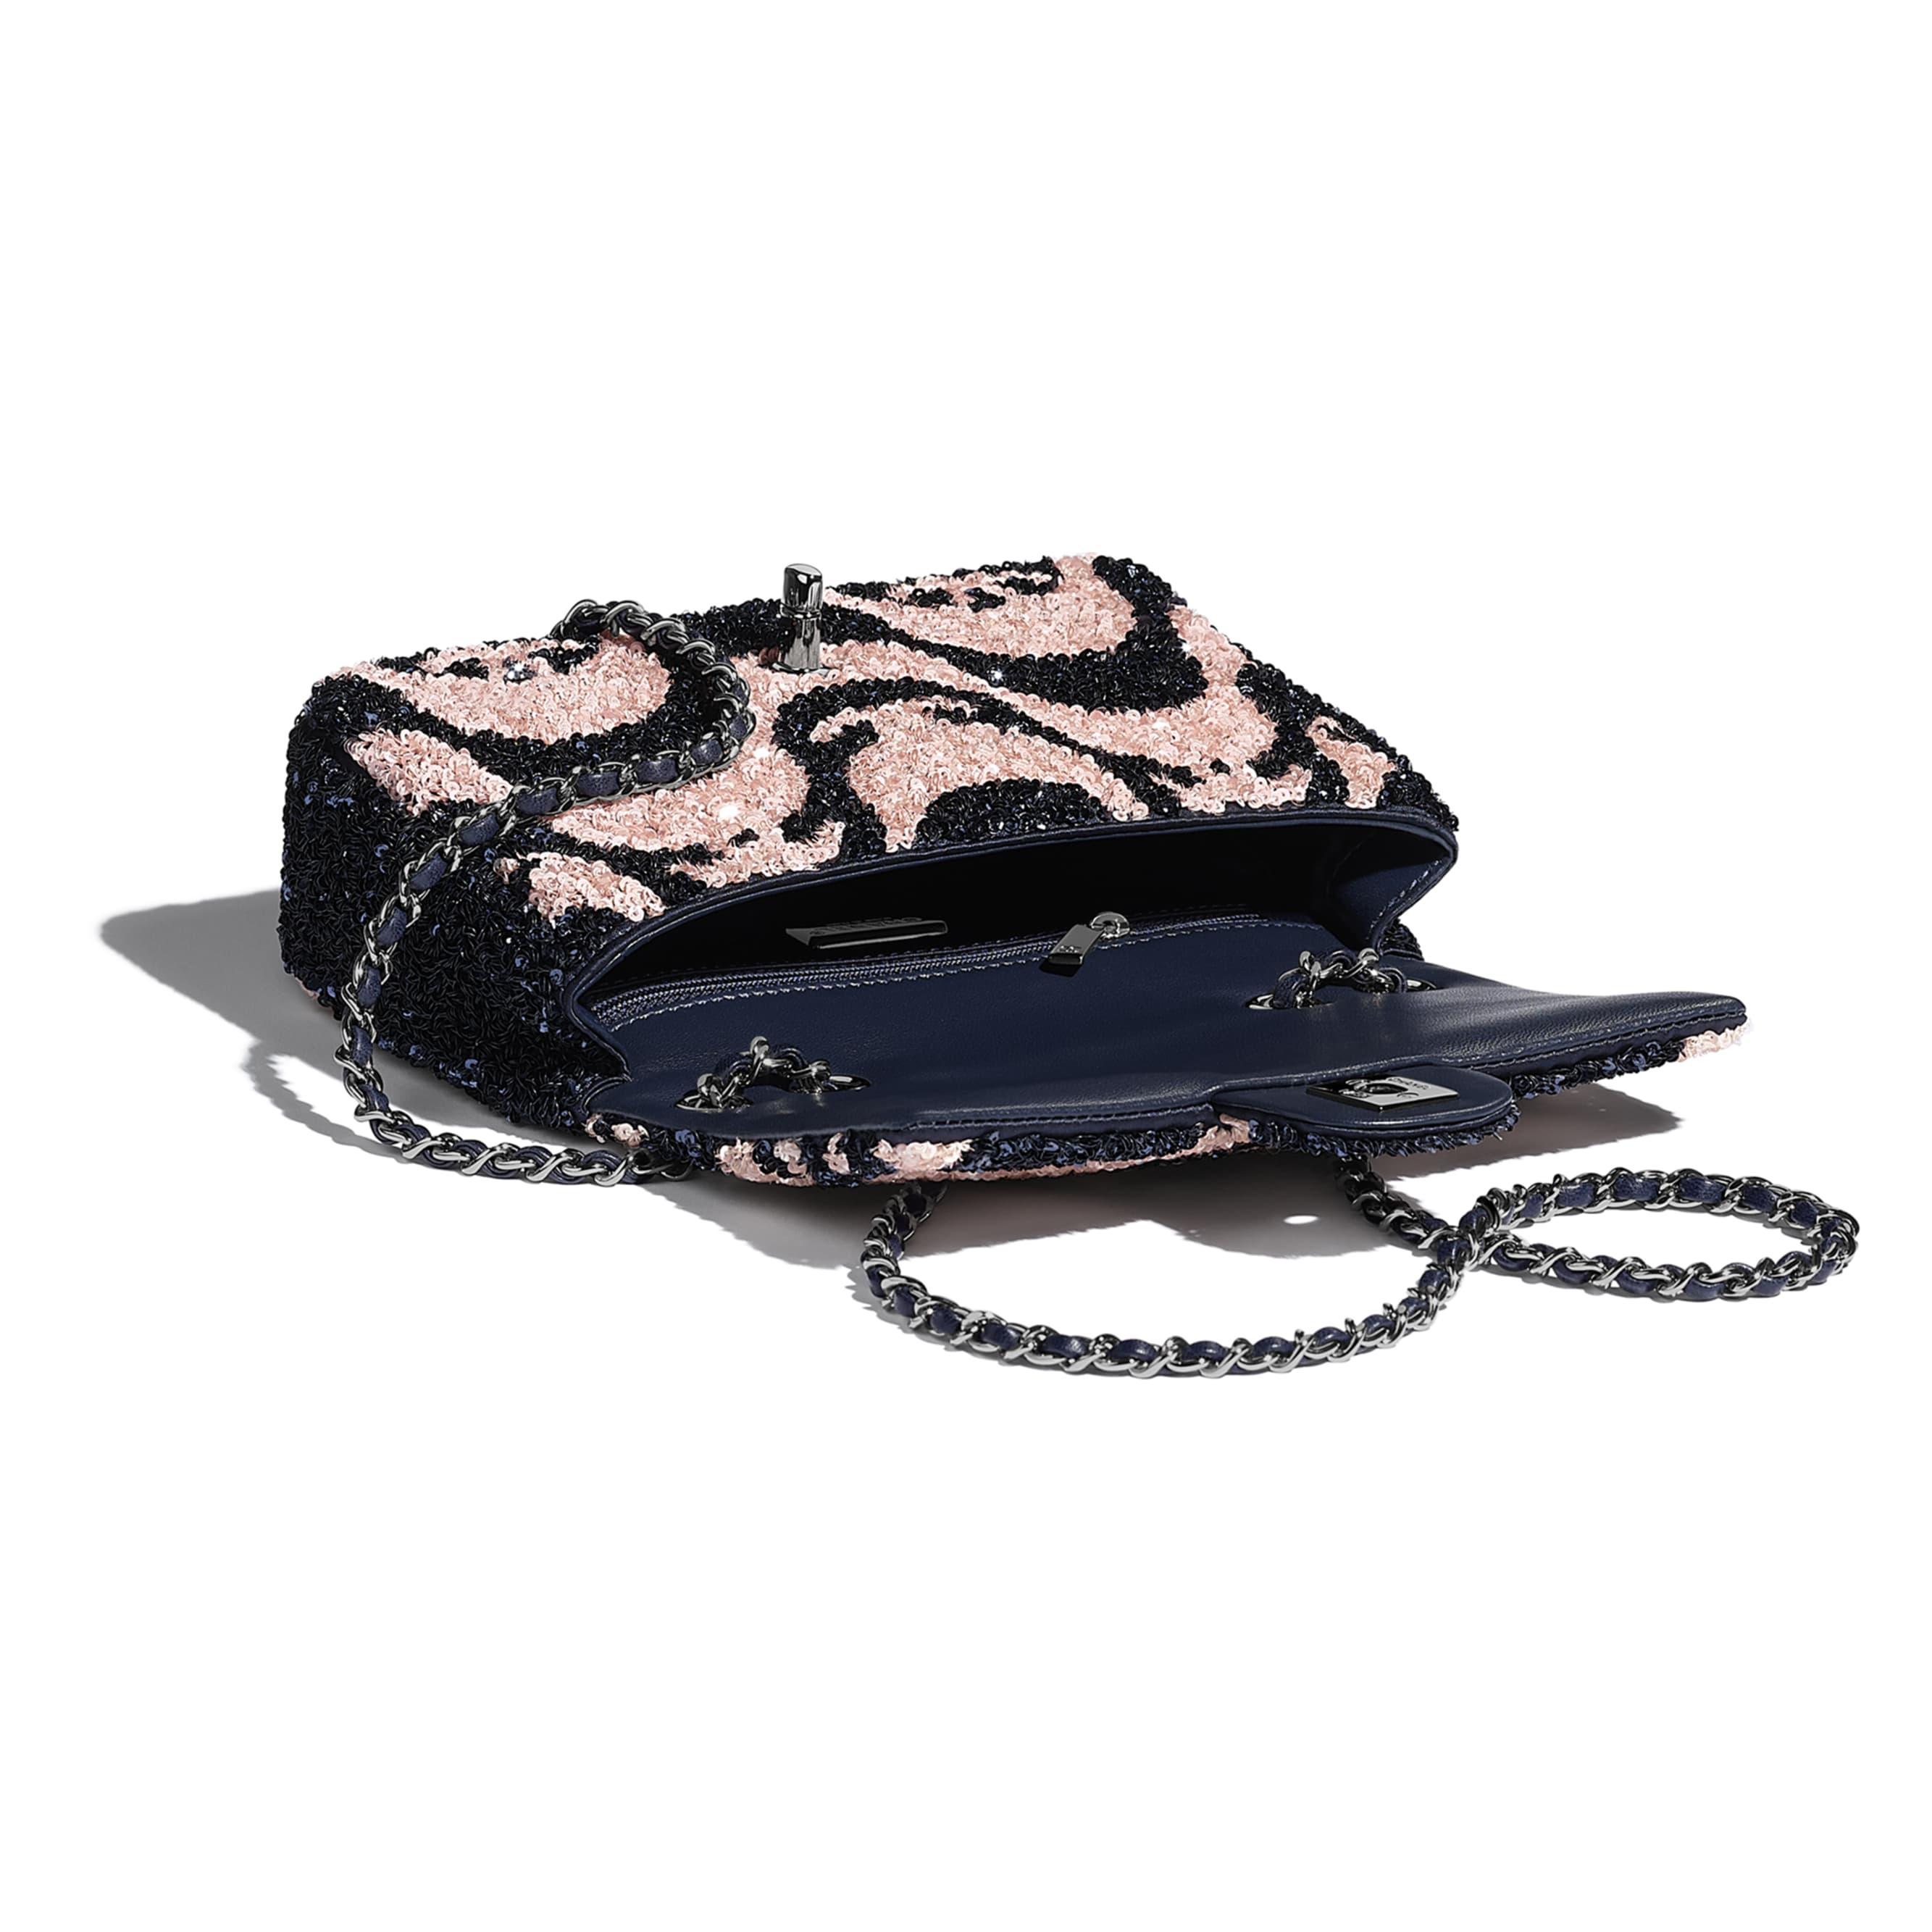 細號垂蓋手袋 - 深藍及粉紅色 - 珠片及鍍釕金屬 - CHANEL - 其他視圖 - 查看標準尺寸版本